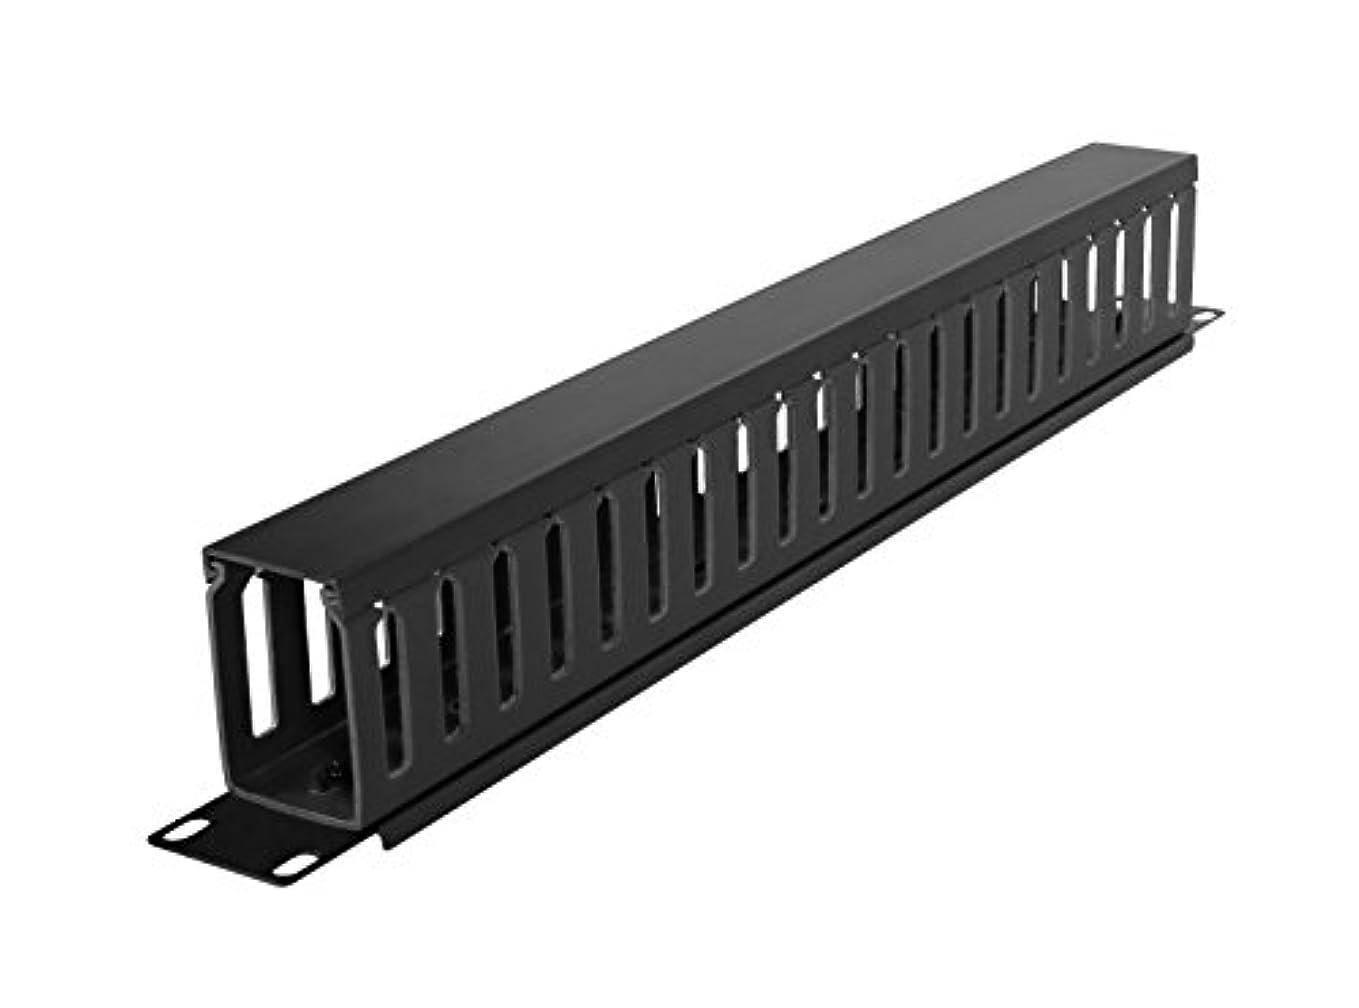 ボーナス行方不明長々とCyberPower Carbon CRA30003 - Rack cable management duct with cover - 1U - 19